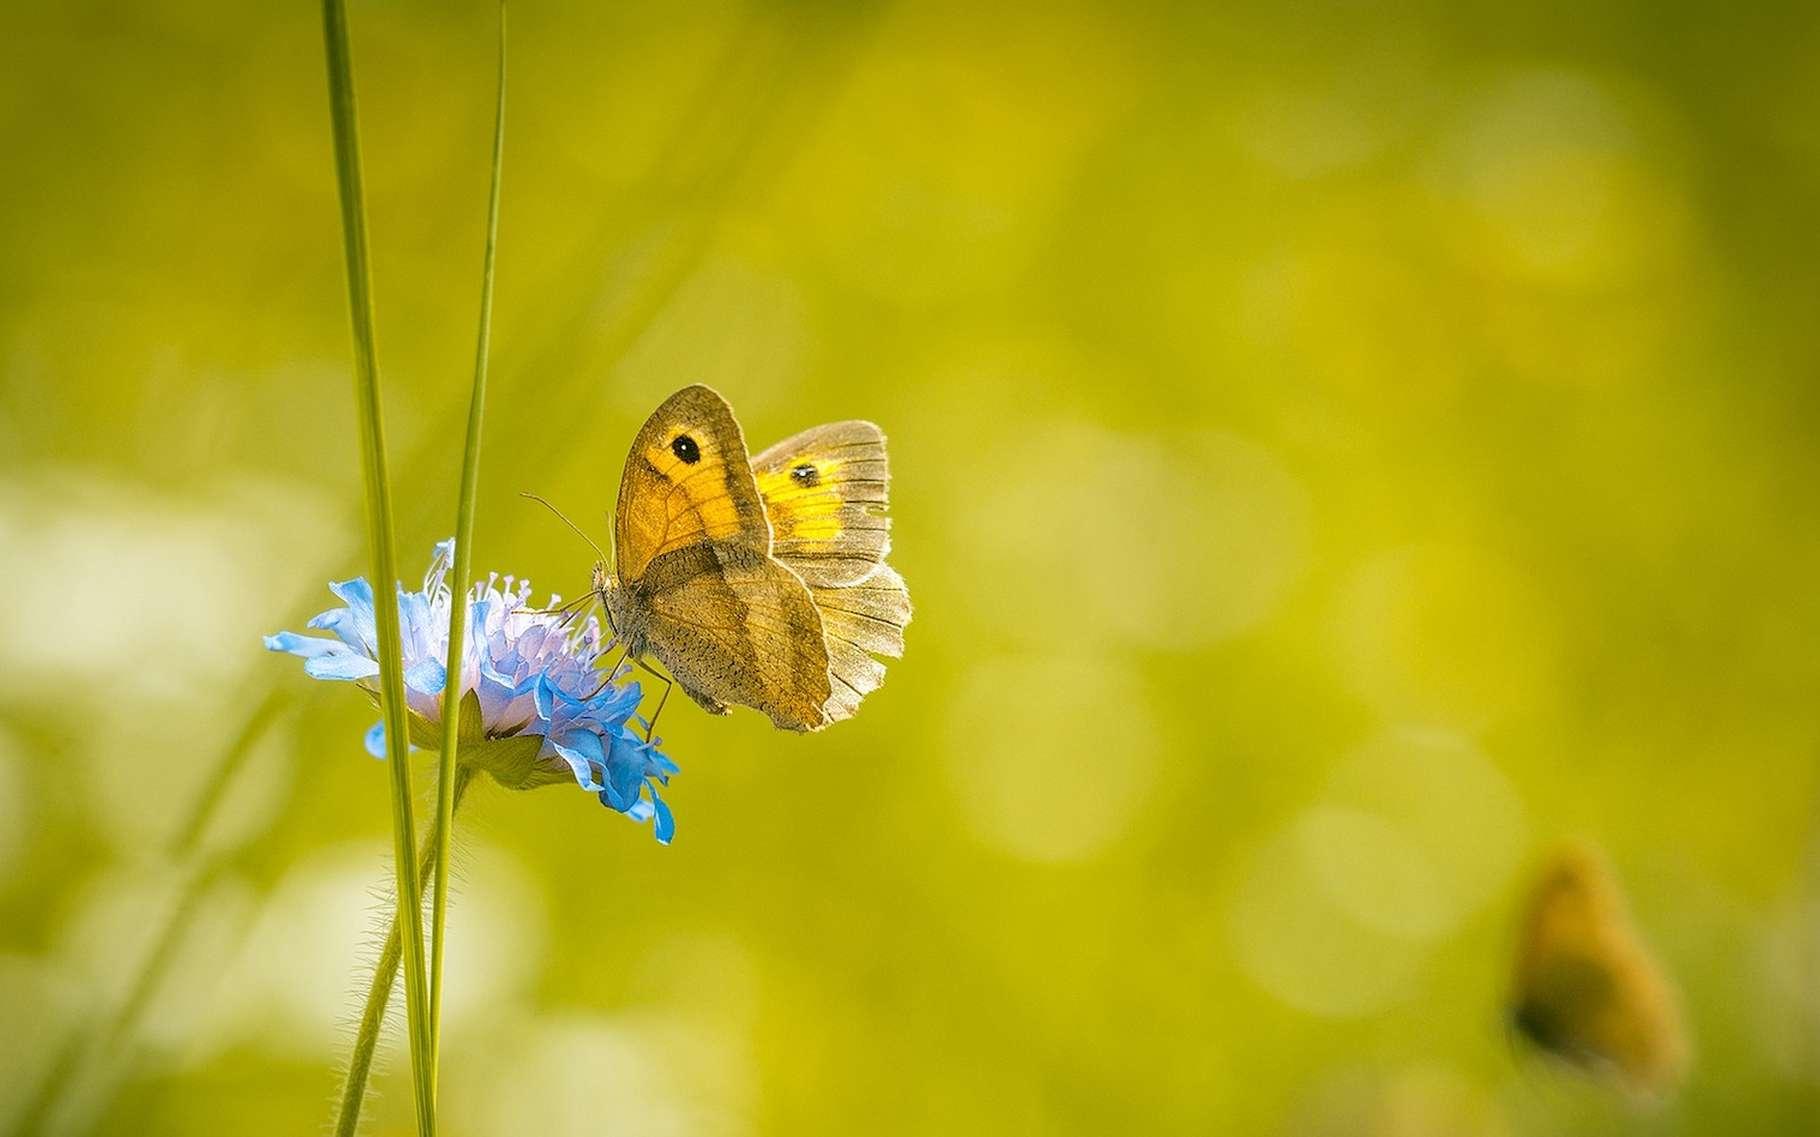 Les papillons font partie des insectes terrestres dont la population chute. © Pezibear, Pixabay